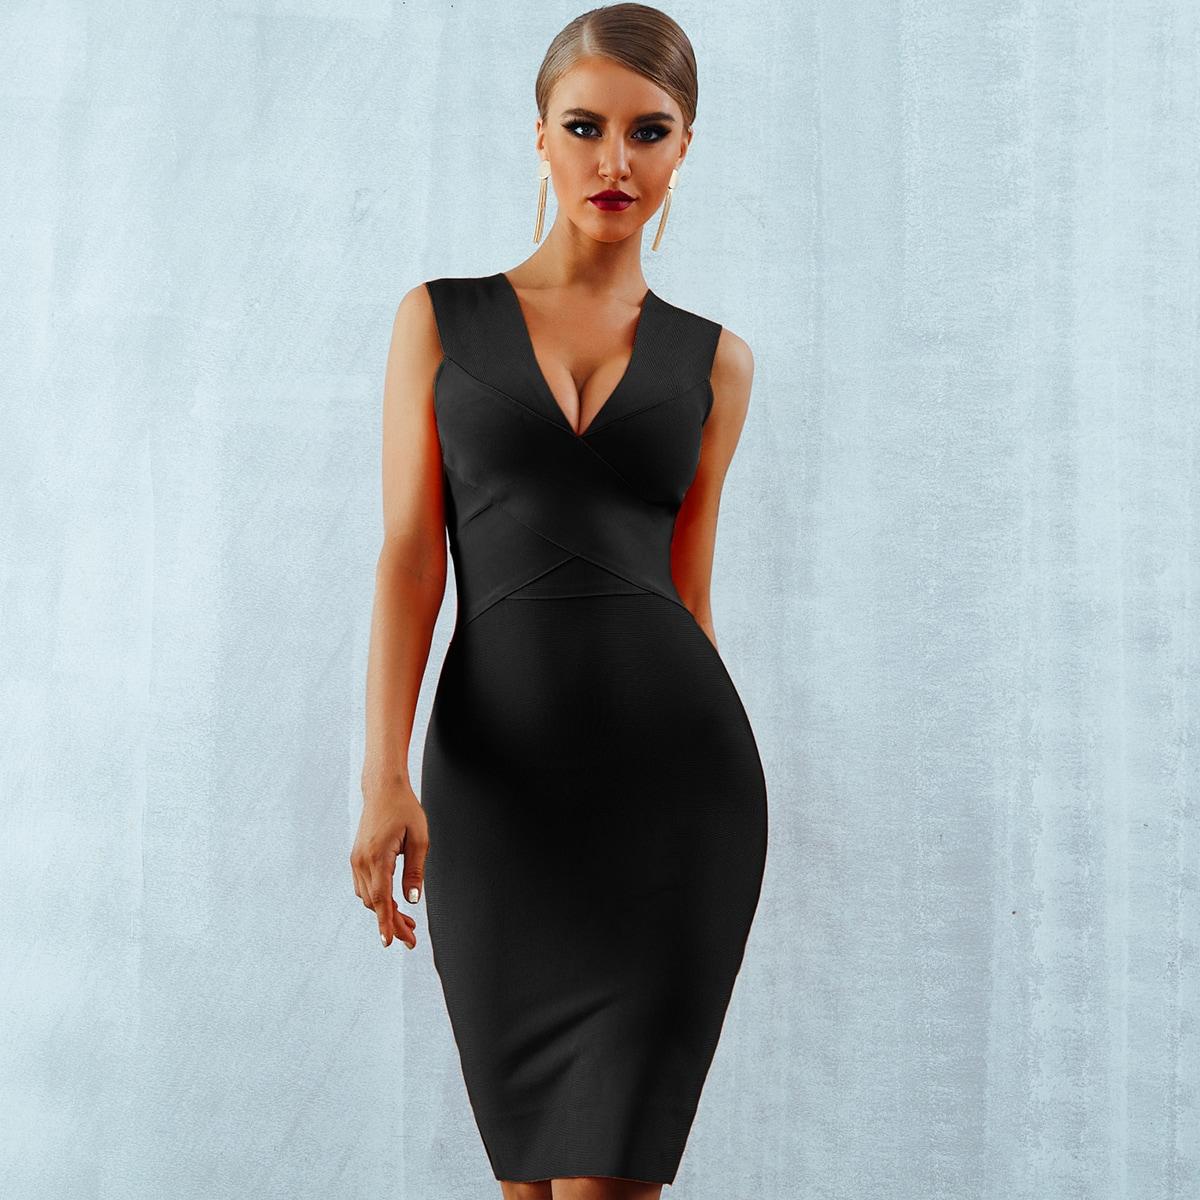 платье-карандаш с молнией сзади и v-образным вырезом